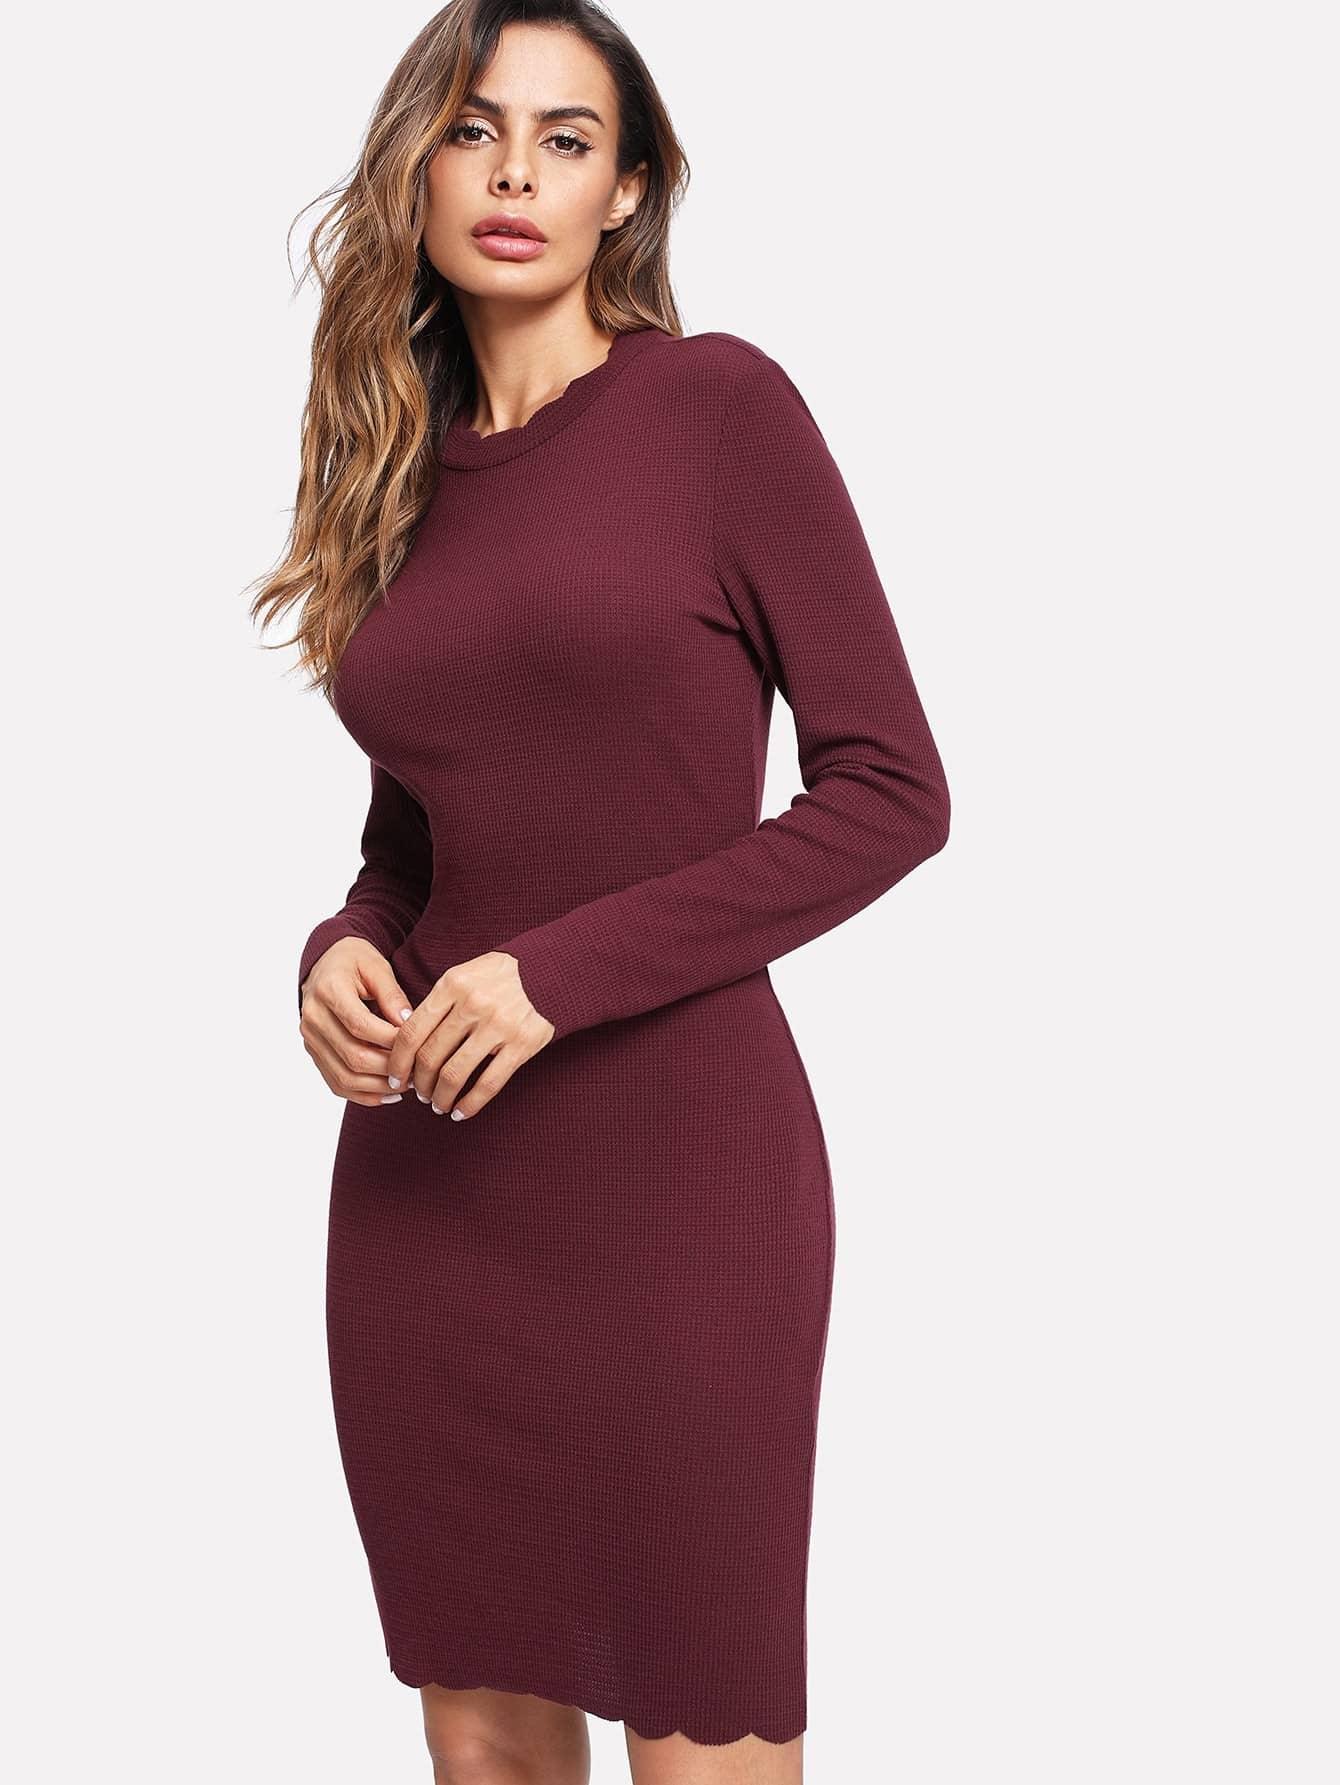 Scallop Edge Rib Knit Dress dress171121703